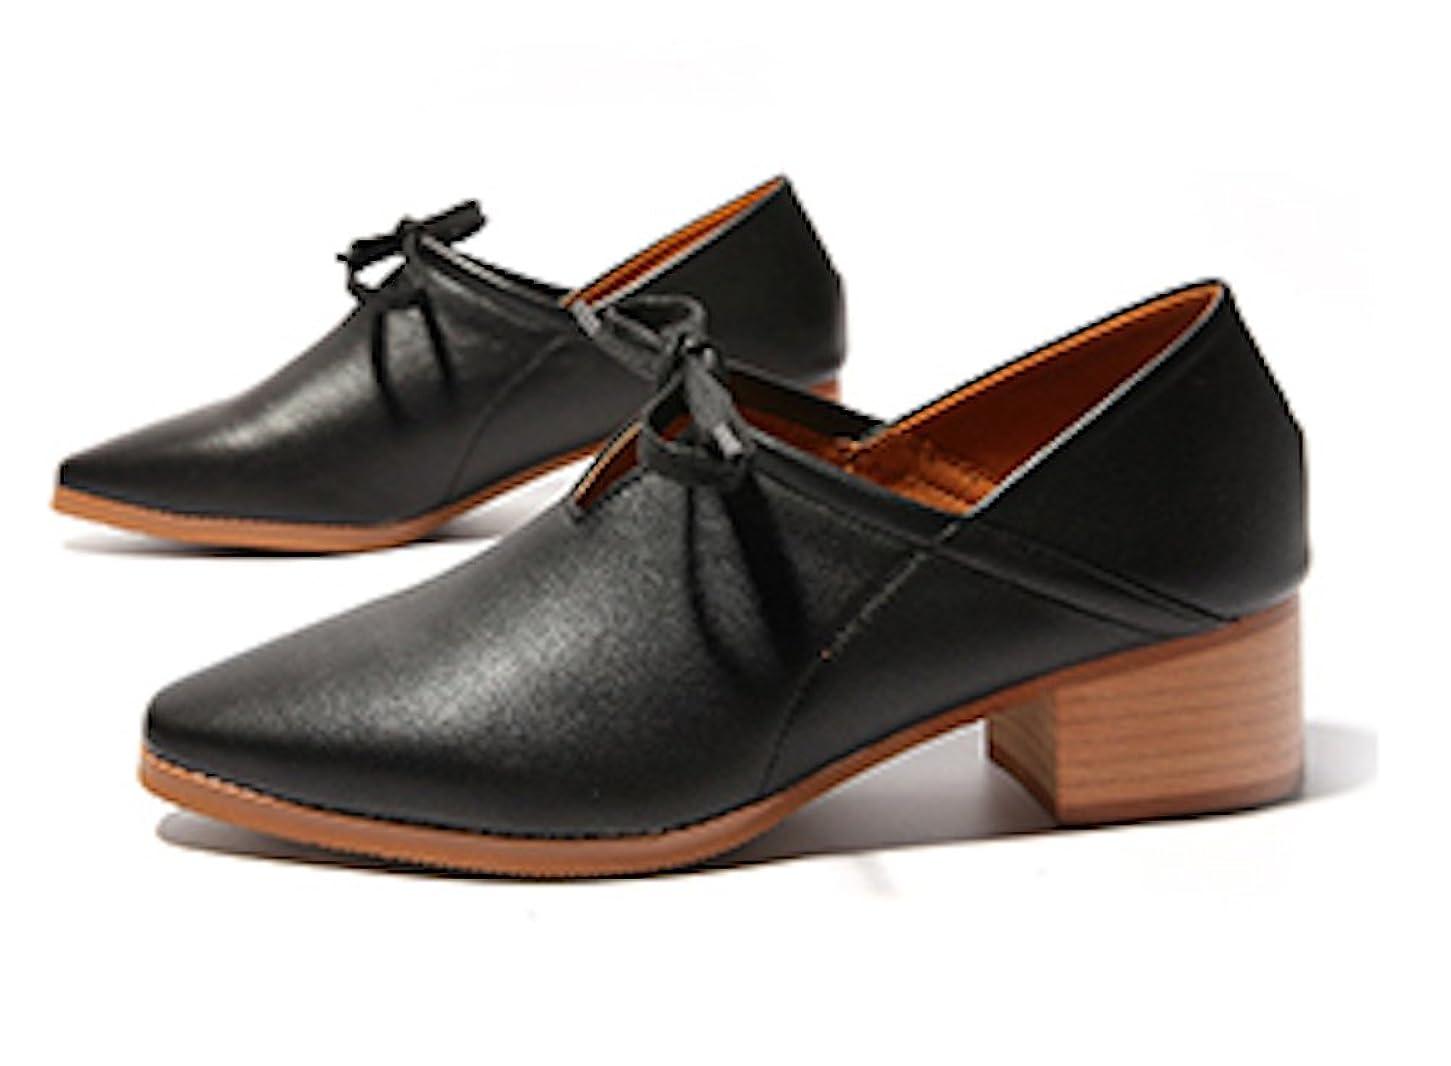 伸ばすトーンパイプウォーキングシューズ ブーツ レディース ビジネスシューズ ワークシューズ 靴 軽量 カジュアル